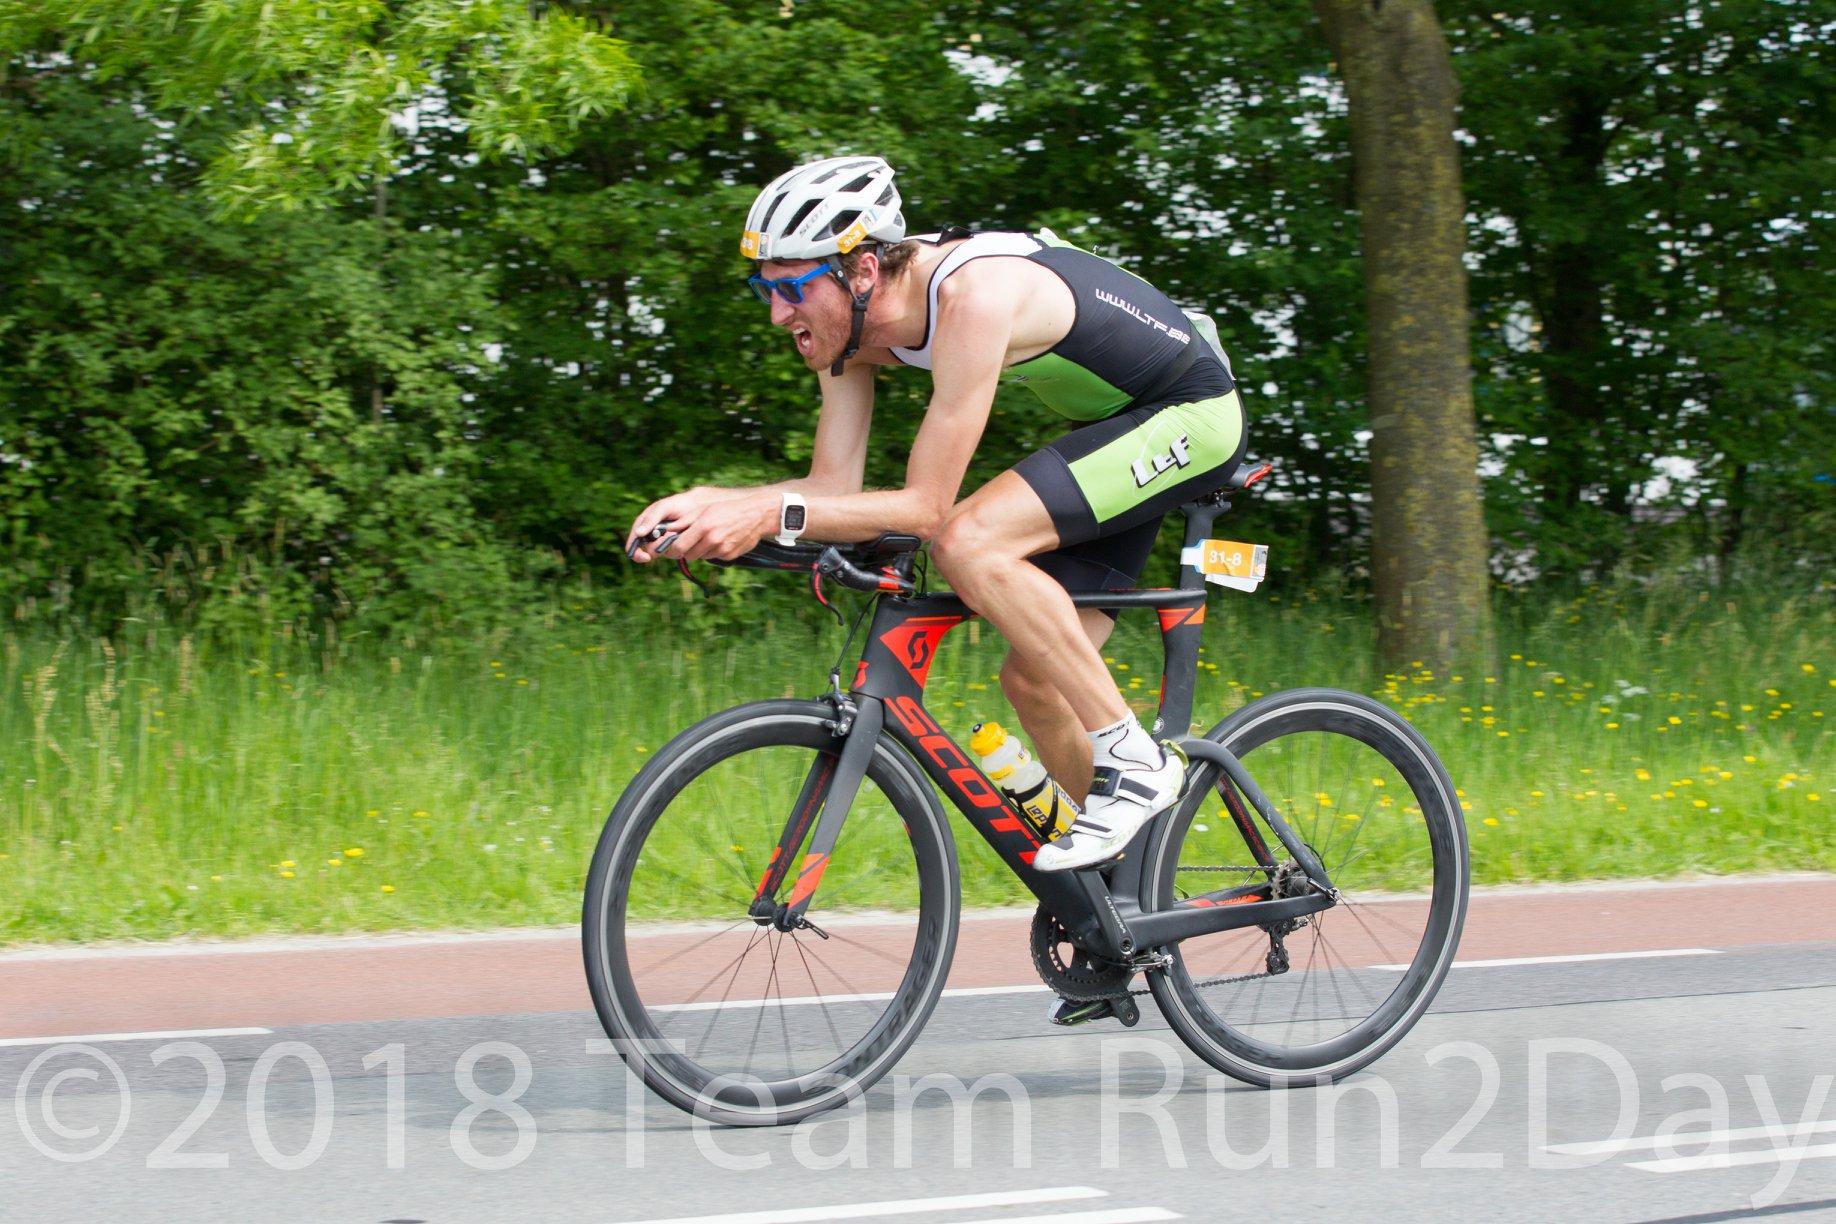 Jan Petralia op weg naar de winst in de tijdrit RBR van Groningen (foto: Team Rund2Day)